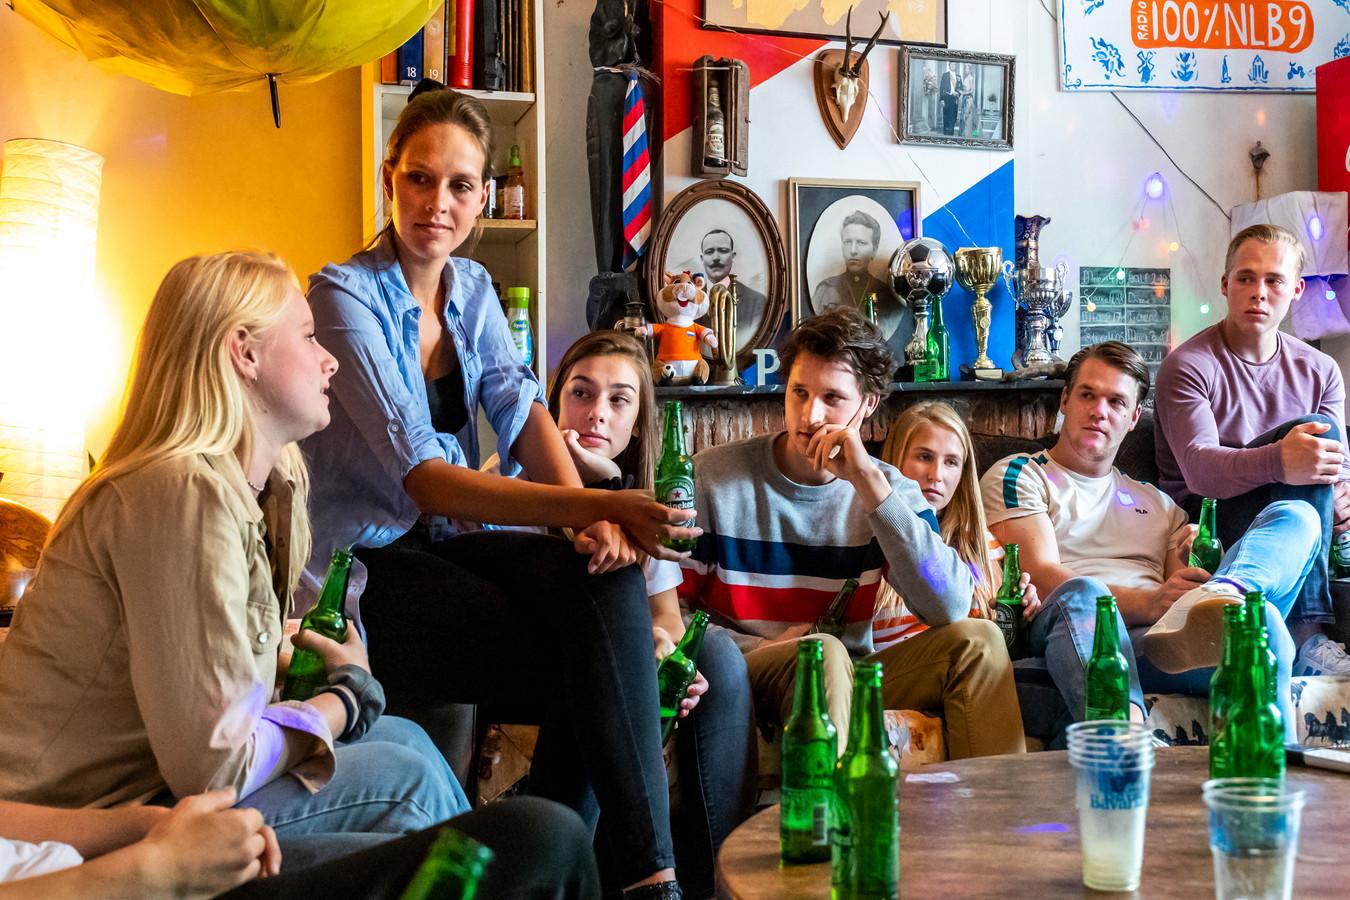 Bij vereniging USR Unitas slapen ieder jaar tijdens de Utrechtse introductieweek zo'n veertien studenten in één huis. Dat gaat dit jaar niet door.